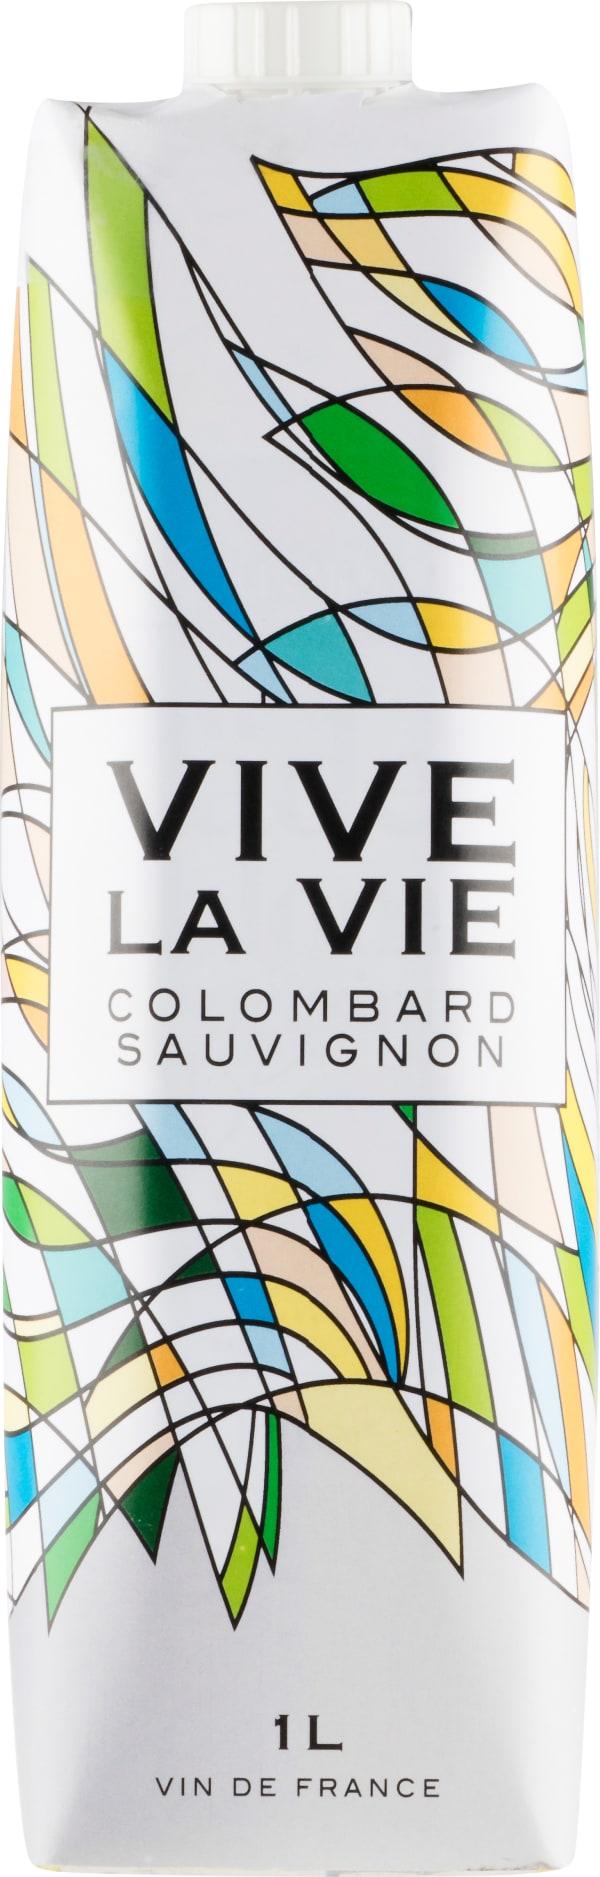 Vive la Vie Colombard Sauvignon 2018 carton package